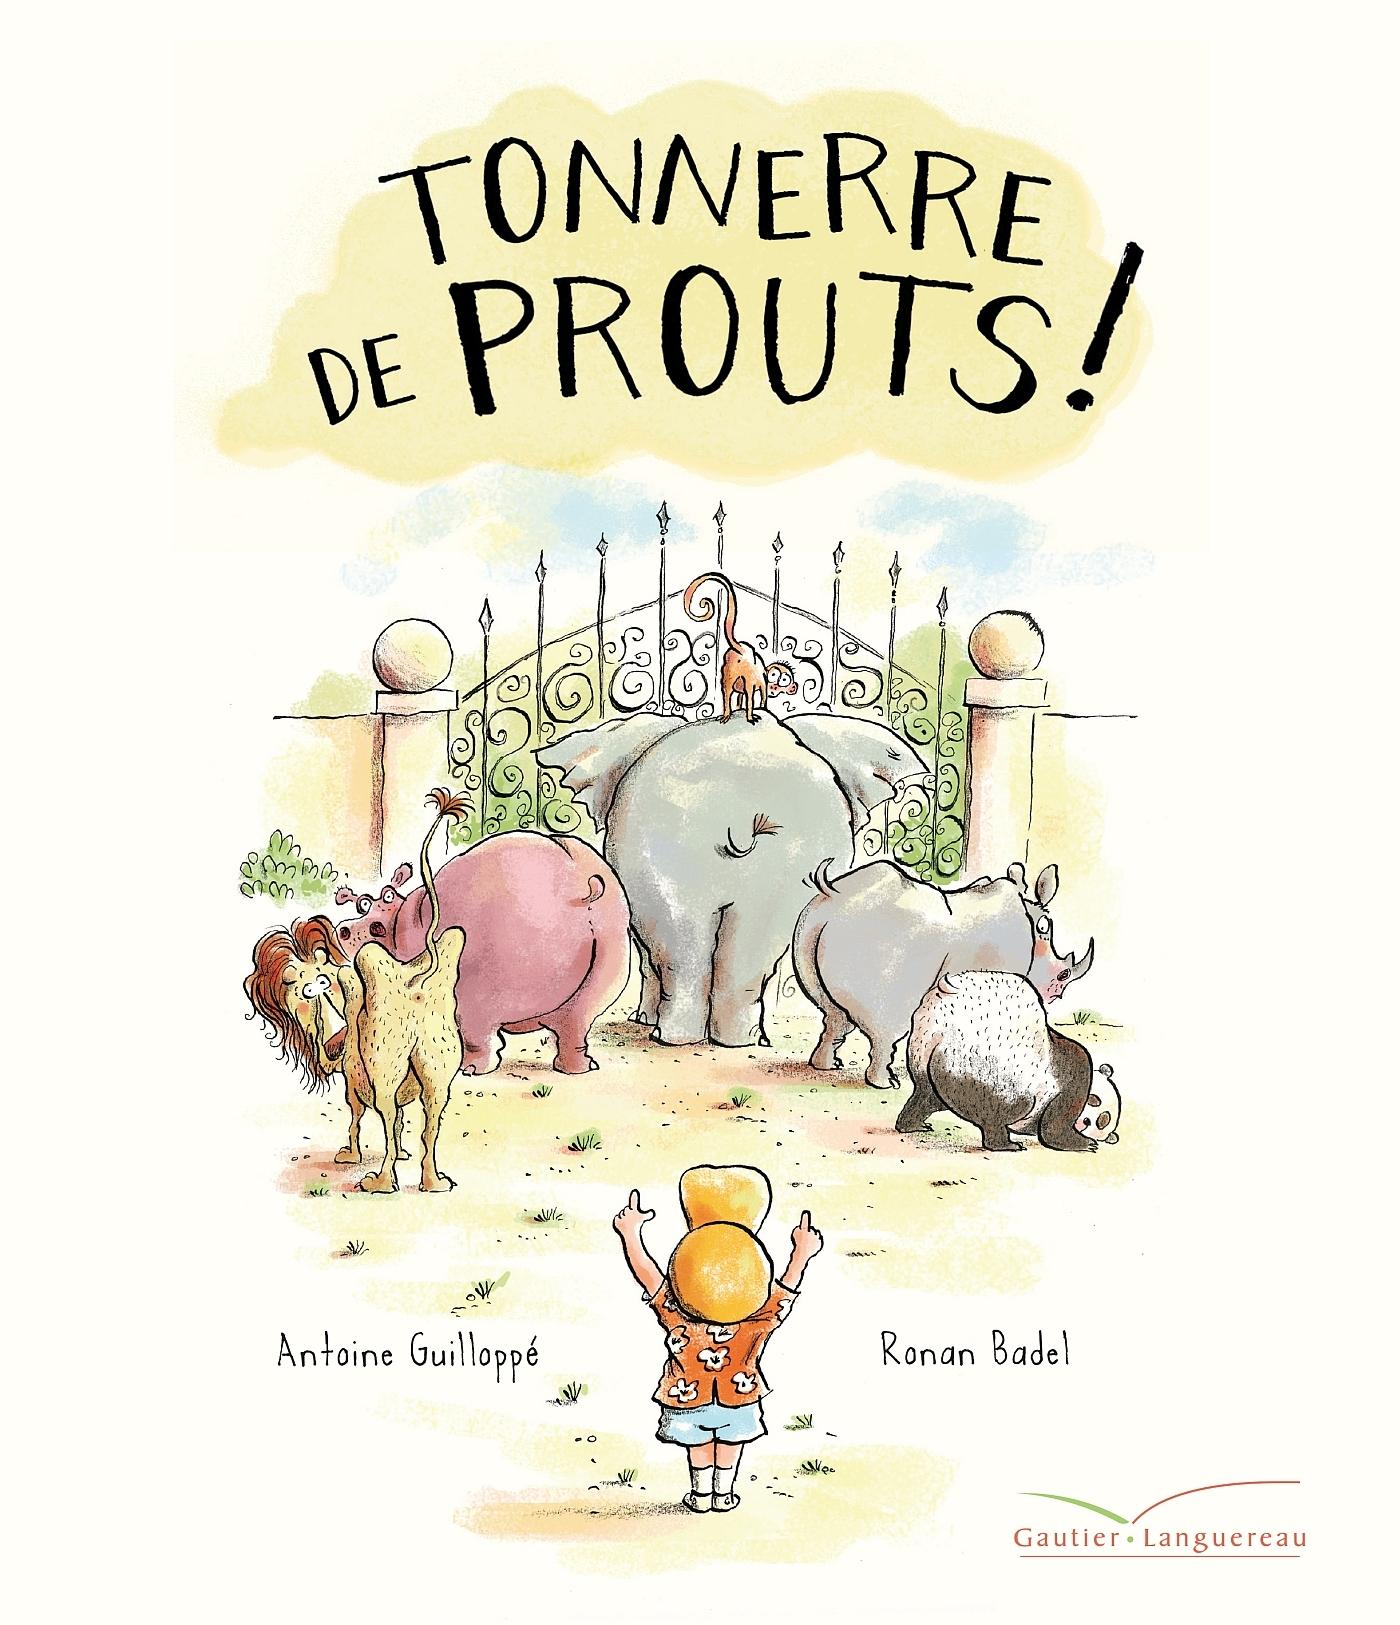 Tonnerre de prouts ! | Guilloppé, Antoine. Auteur